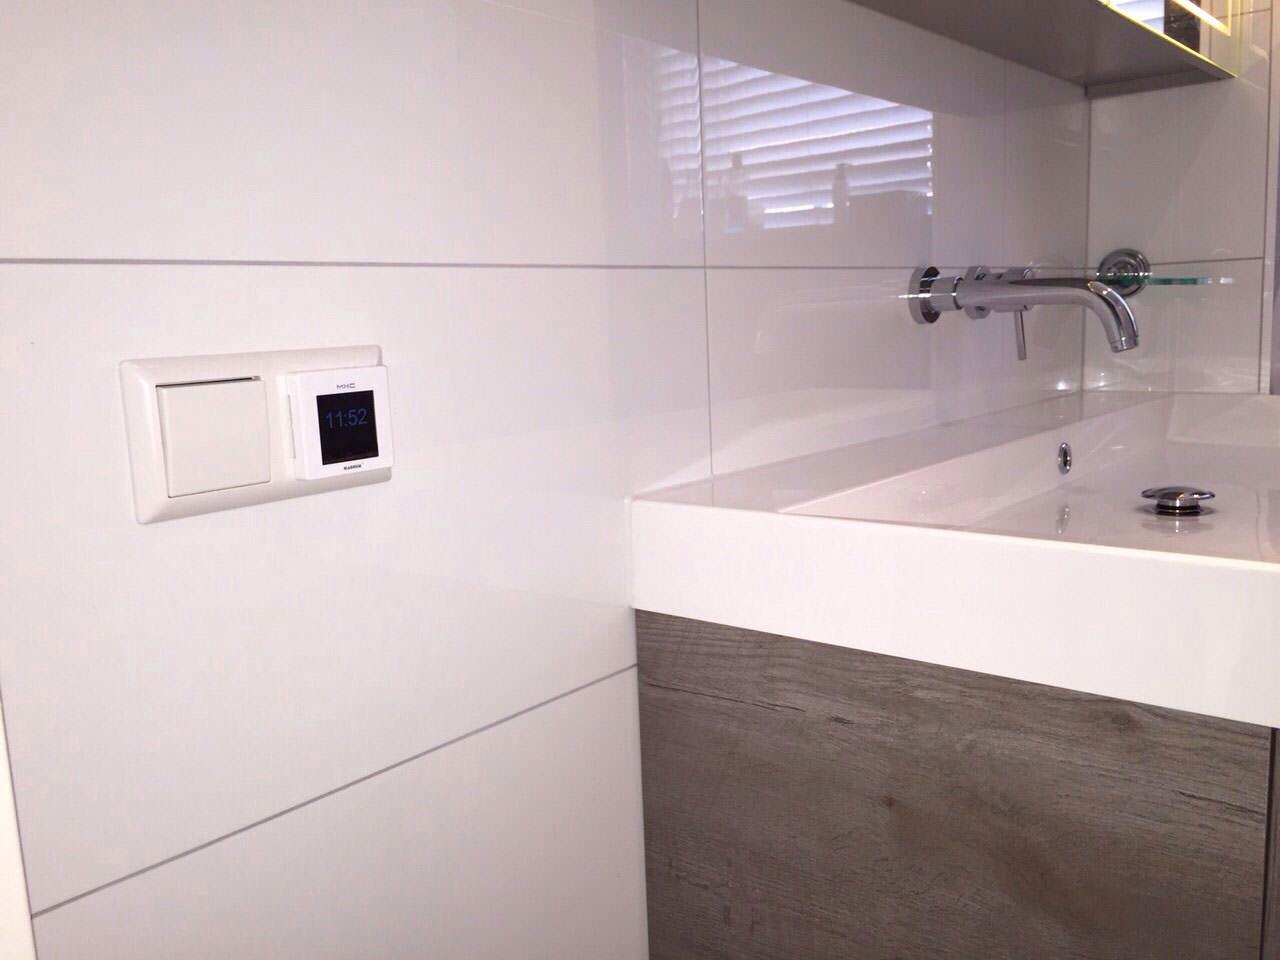 Toilet Aanleggen Badkamer : Sanitair badkamer aanleggen de klussenier richard feenstra